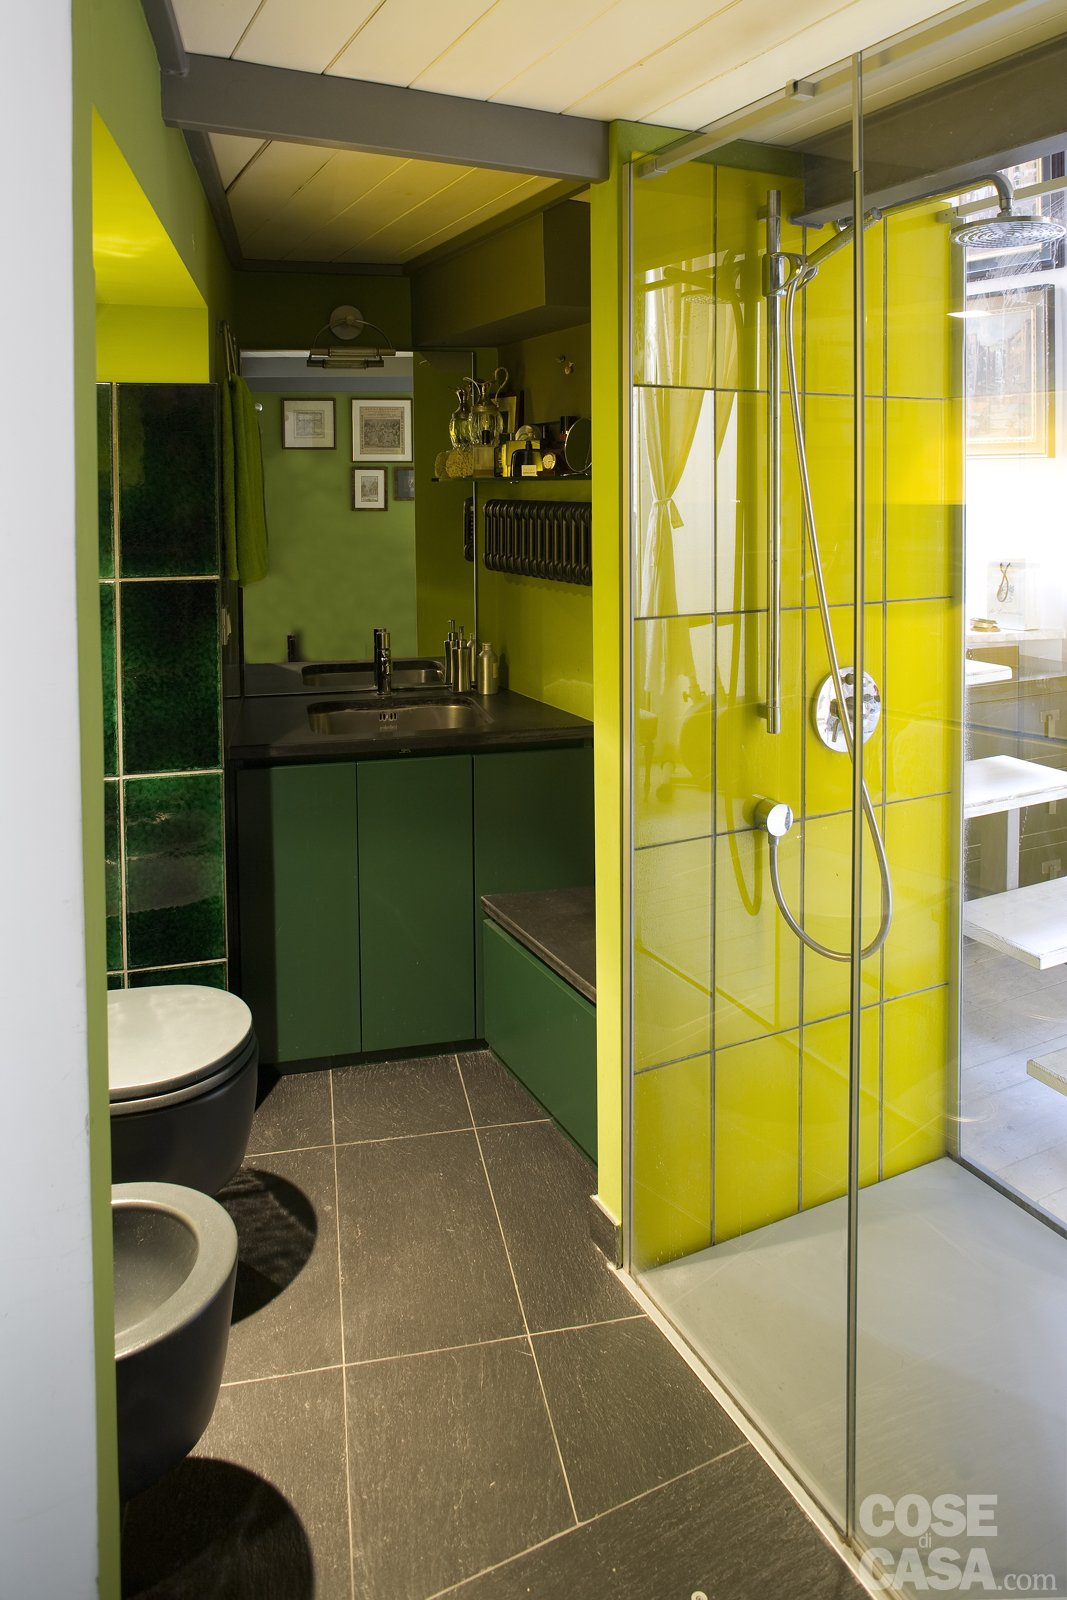 Casa piccola 43 mq soppalco per studio e cabina armadio for Piccola doccia della casa